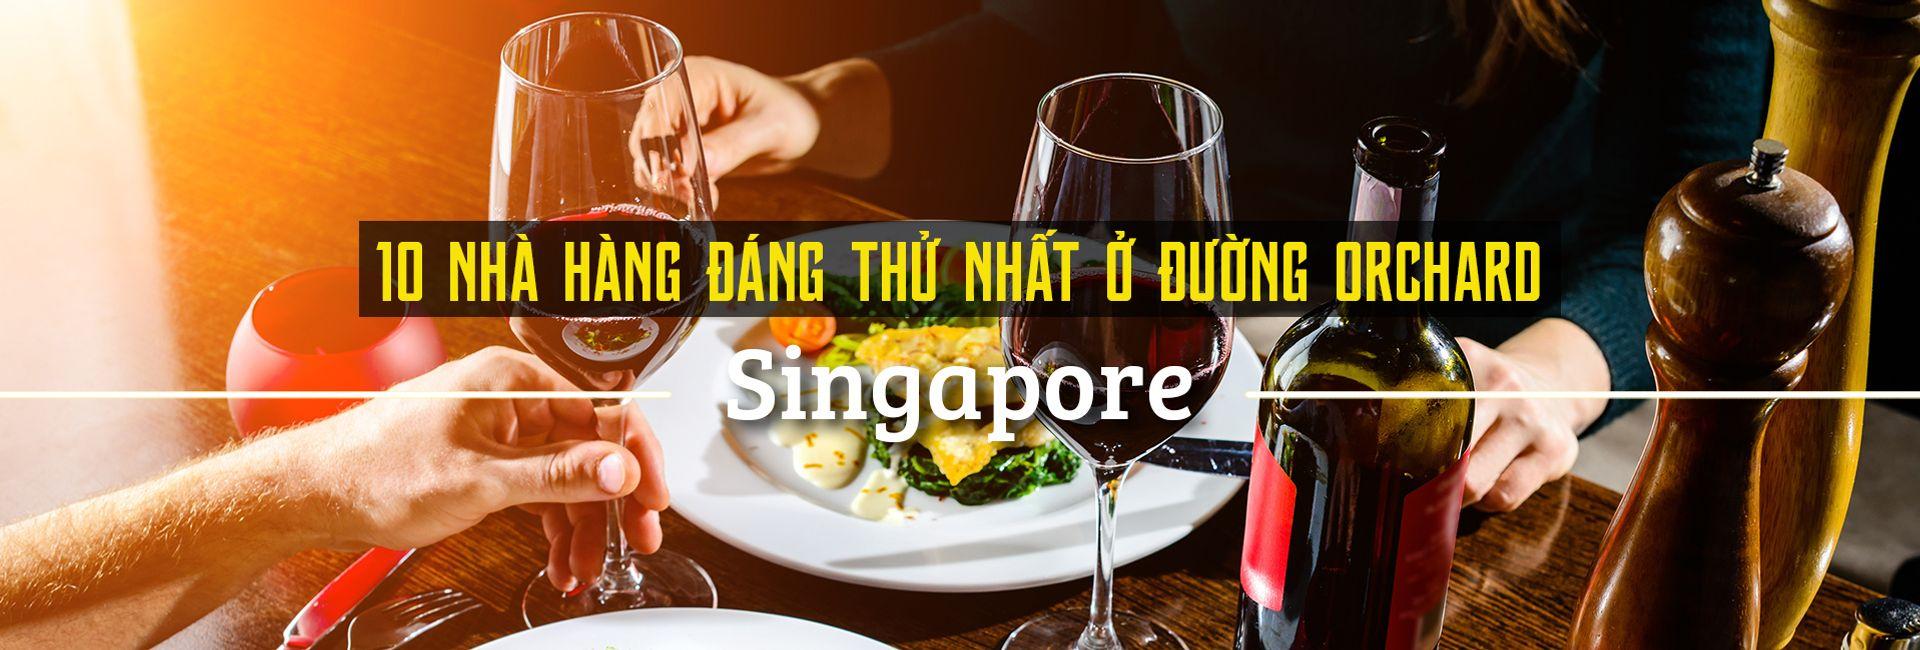 Top 10 nhà hàng đáng thử nhất đường Orchard, Singapore